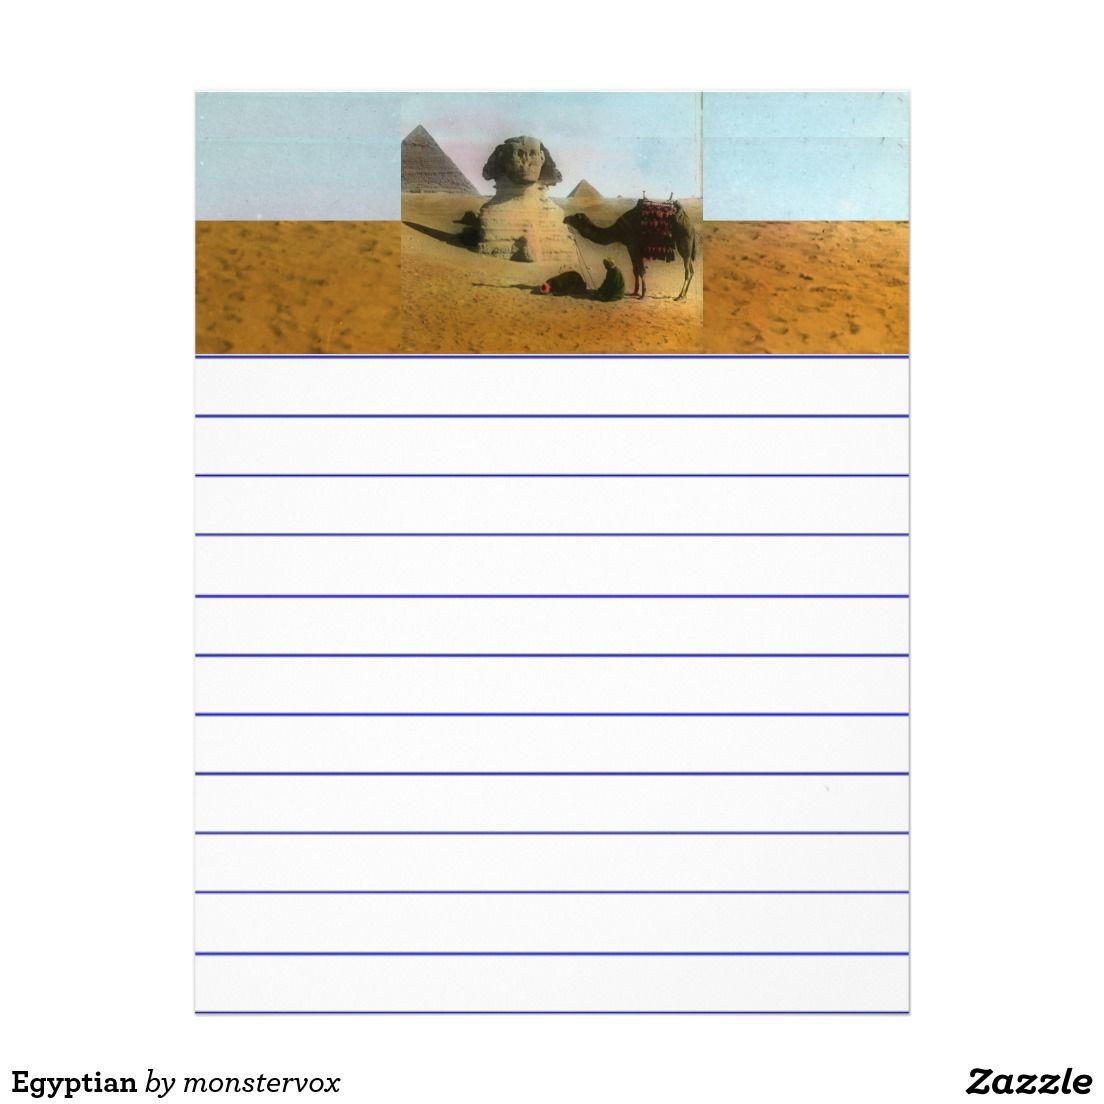 Egyptian Letterhead #Egypt #Egyptian #Pyramid #Camel #Desert #Africa #LetterHead #Stationery